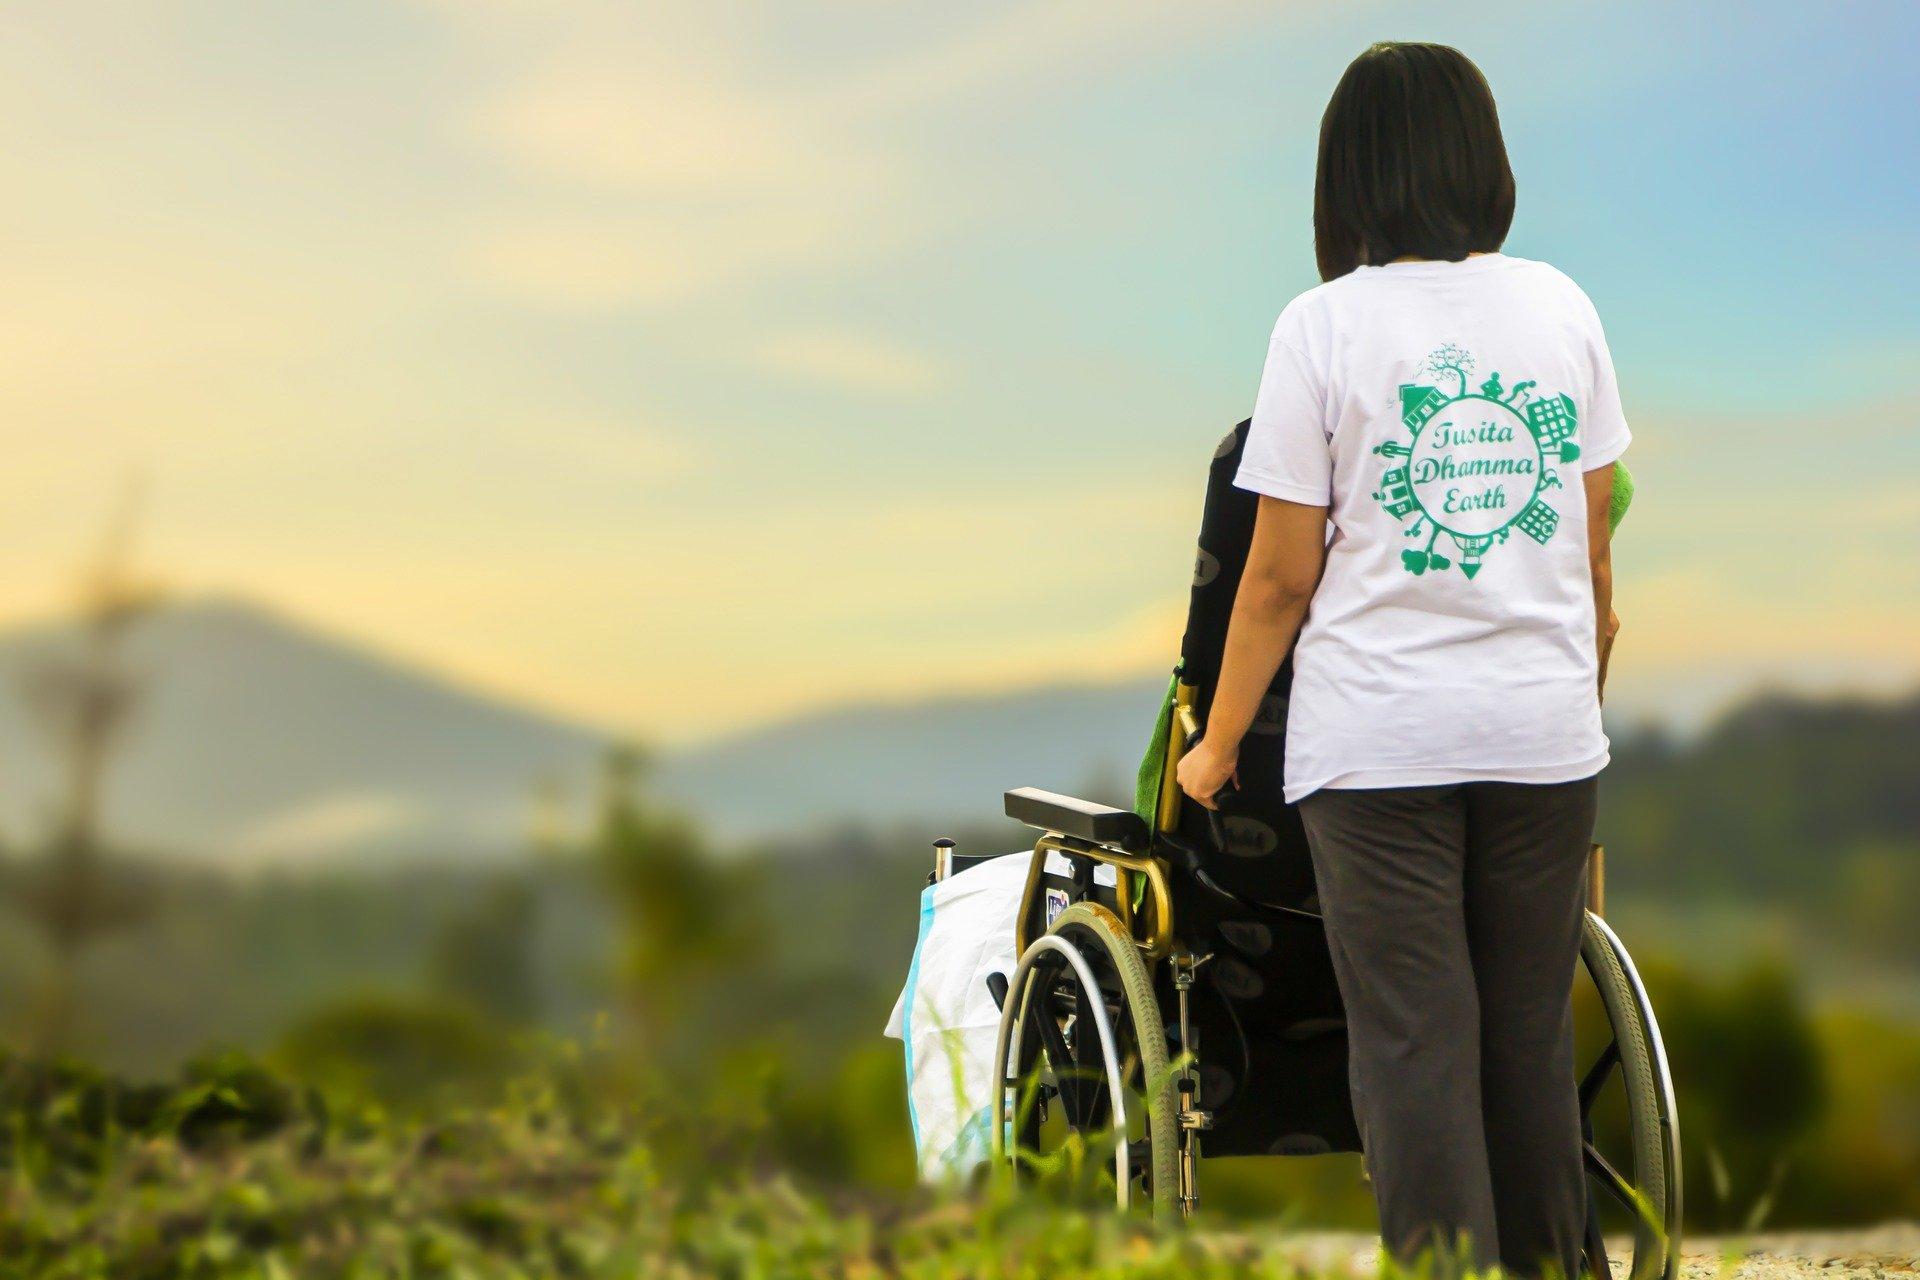 Gesundheitsförderung für Pflegekräfte durch Nudging